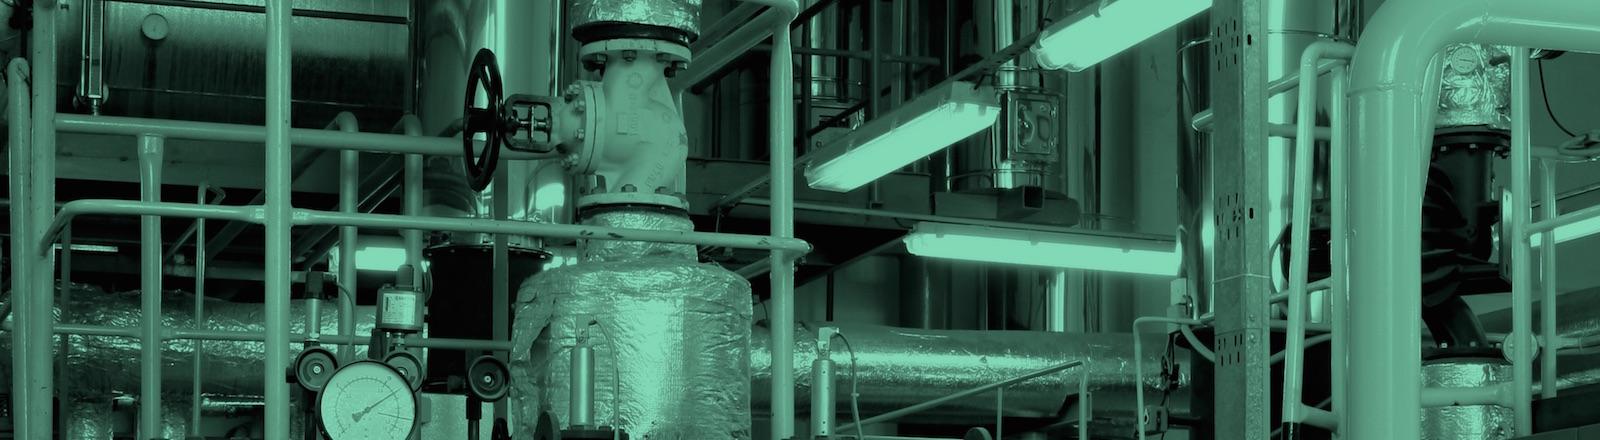 Varmecentraler, VVS og Smede Firma